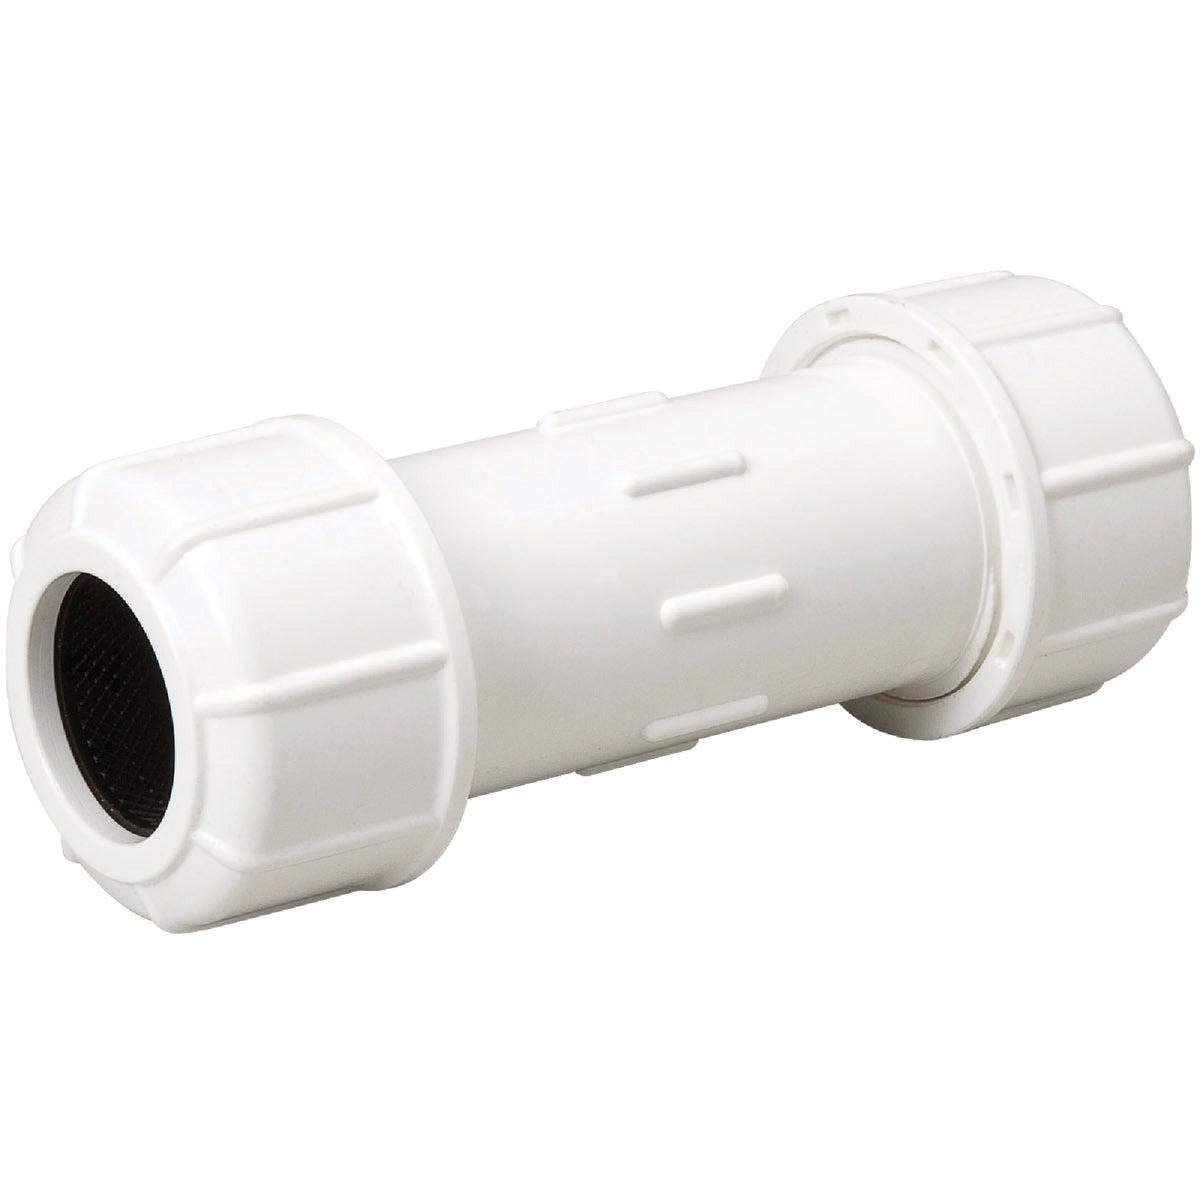 1/2X5 PVC COUPLING